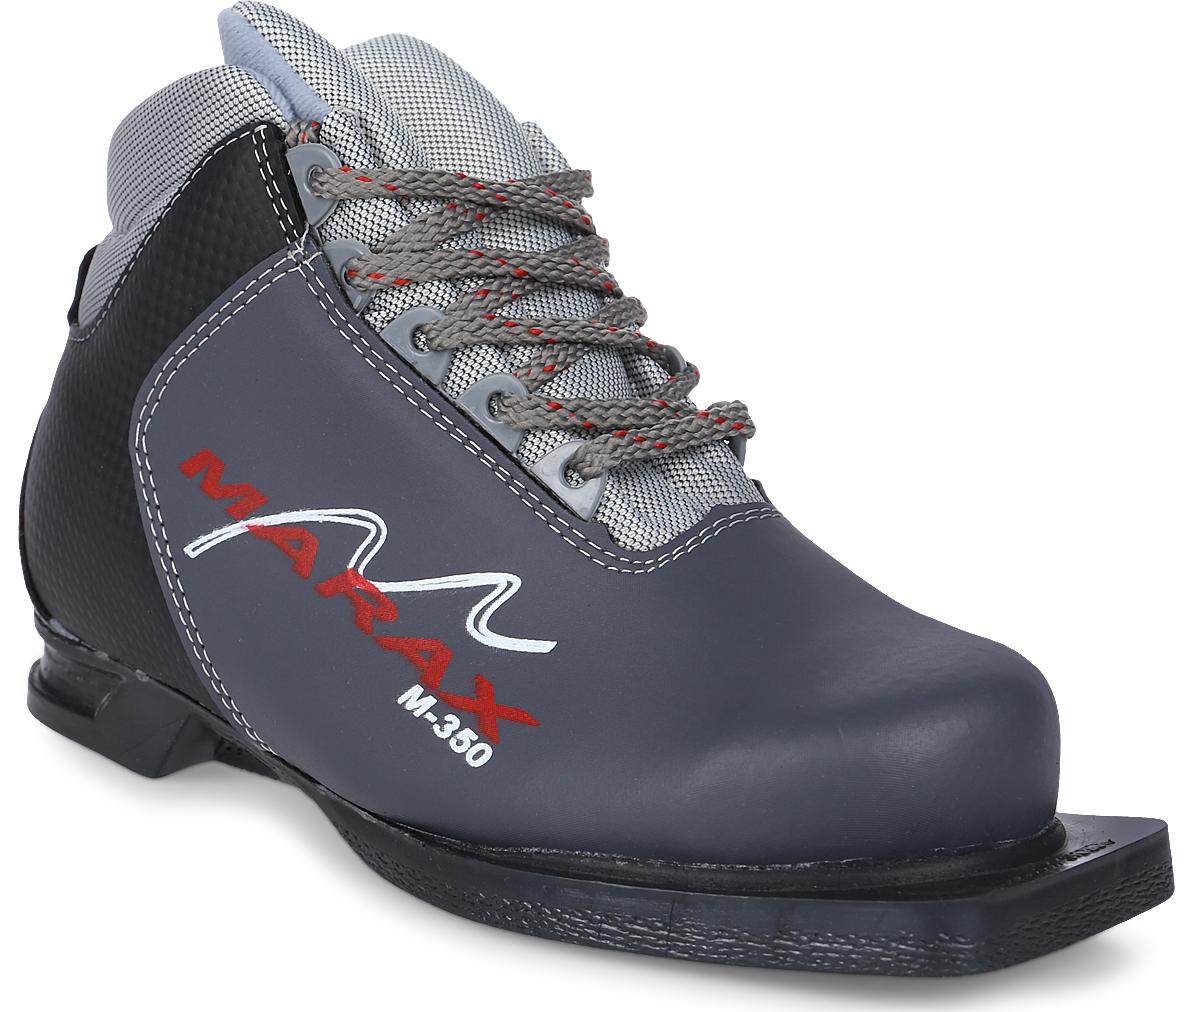 Ботинки лыжные Marax, цвет: серый, черный. М350. Размер 35М350Лыжные ботинки Marax предназначены для активного отдыха. Модельизготовлена из морозостойкой искусственной кожи и текстиля. Подкладка выполнена из искусственного меха и флиса, благодаря чему ваши ноги всегда будут в тепле. Шерстяная стелька комфортна при беге. Вставка на заднике обеспечивает дополнительную жесткость, позволяя дольше сохранять первоначальную форму ботинка и предотвращать натирание стопы. Ботинки снабжены шнуровкой с пластиковыми петлями и язычком-клапаном, который защищает от попадания снега и влаги. Подошва системы 75 мм из двухкомпонентной резины является надежной и весьма простой системой крепежа и позволяет безбоязненно использовать ботинокдо -25°С. В таких лыжных ботинках вам будет комфортно и уютно.Как выбрать лыжи ребёнку. Статья OZON Гид